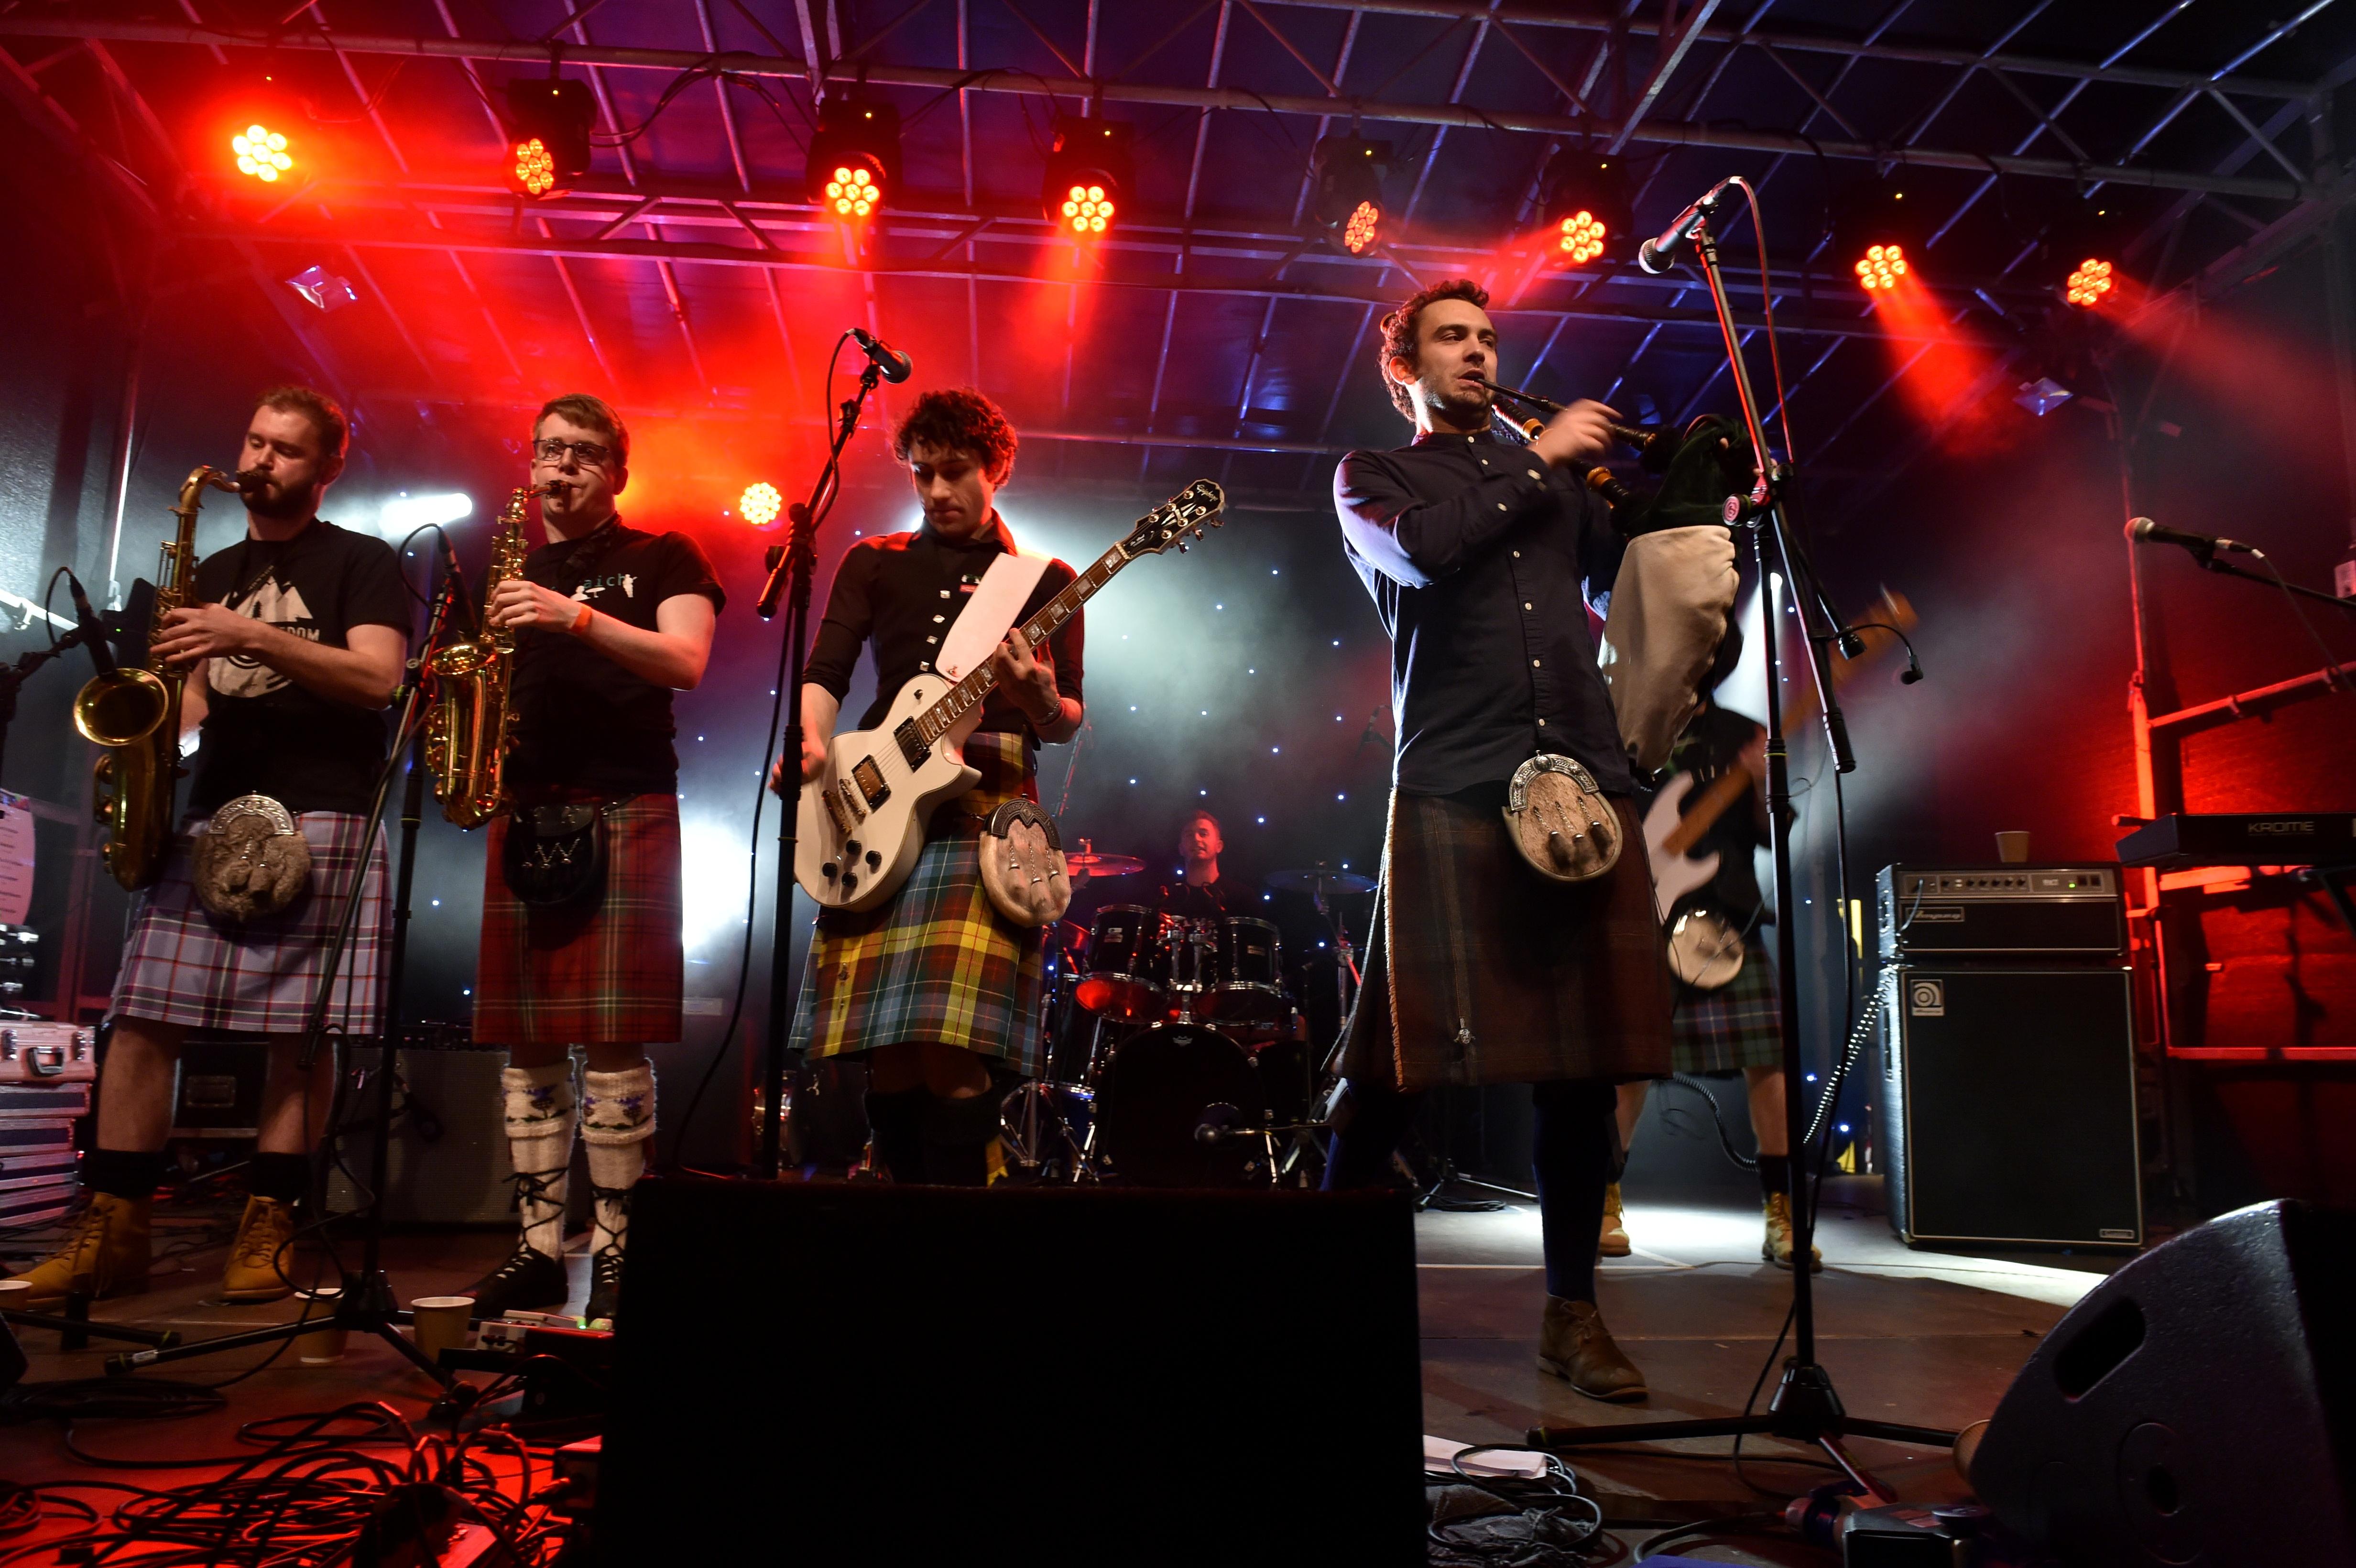 Celtic rock band Gleadhraich